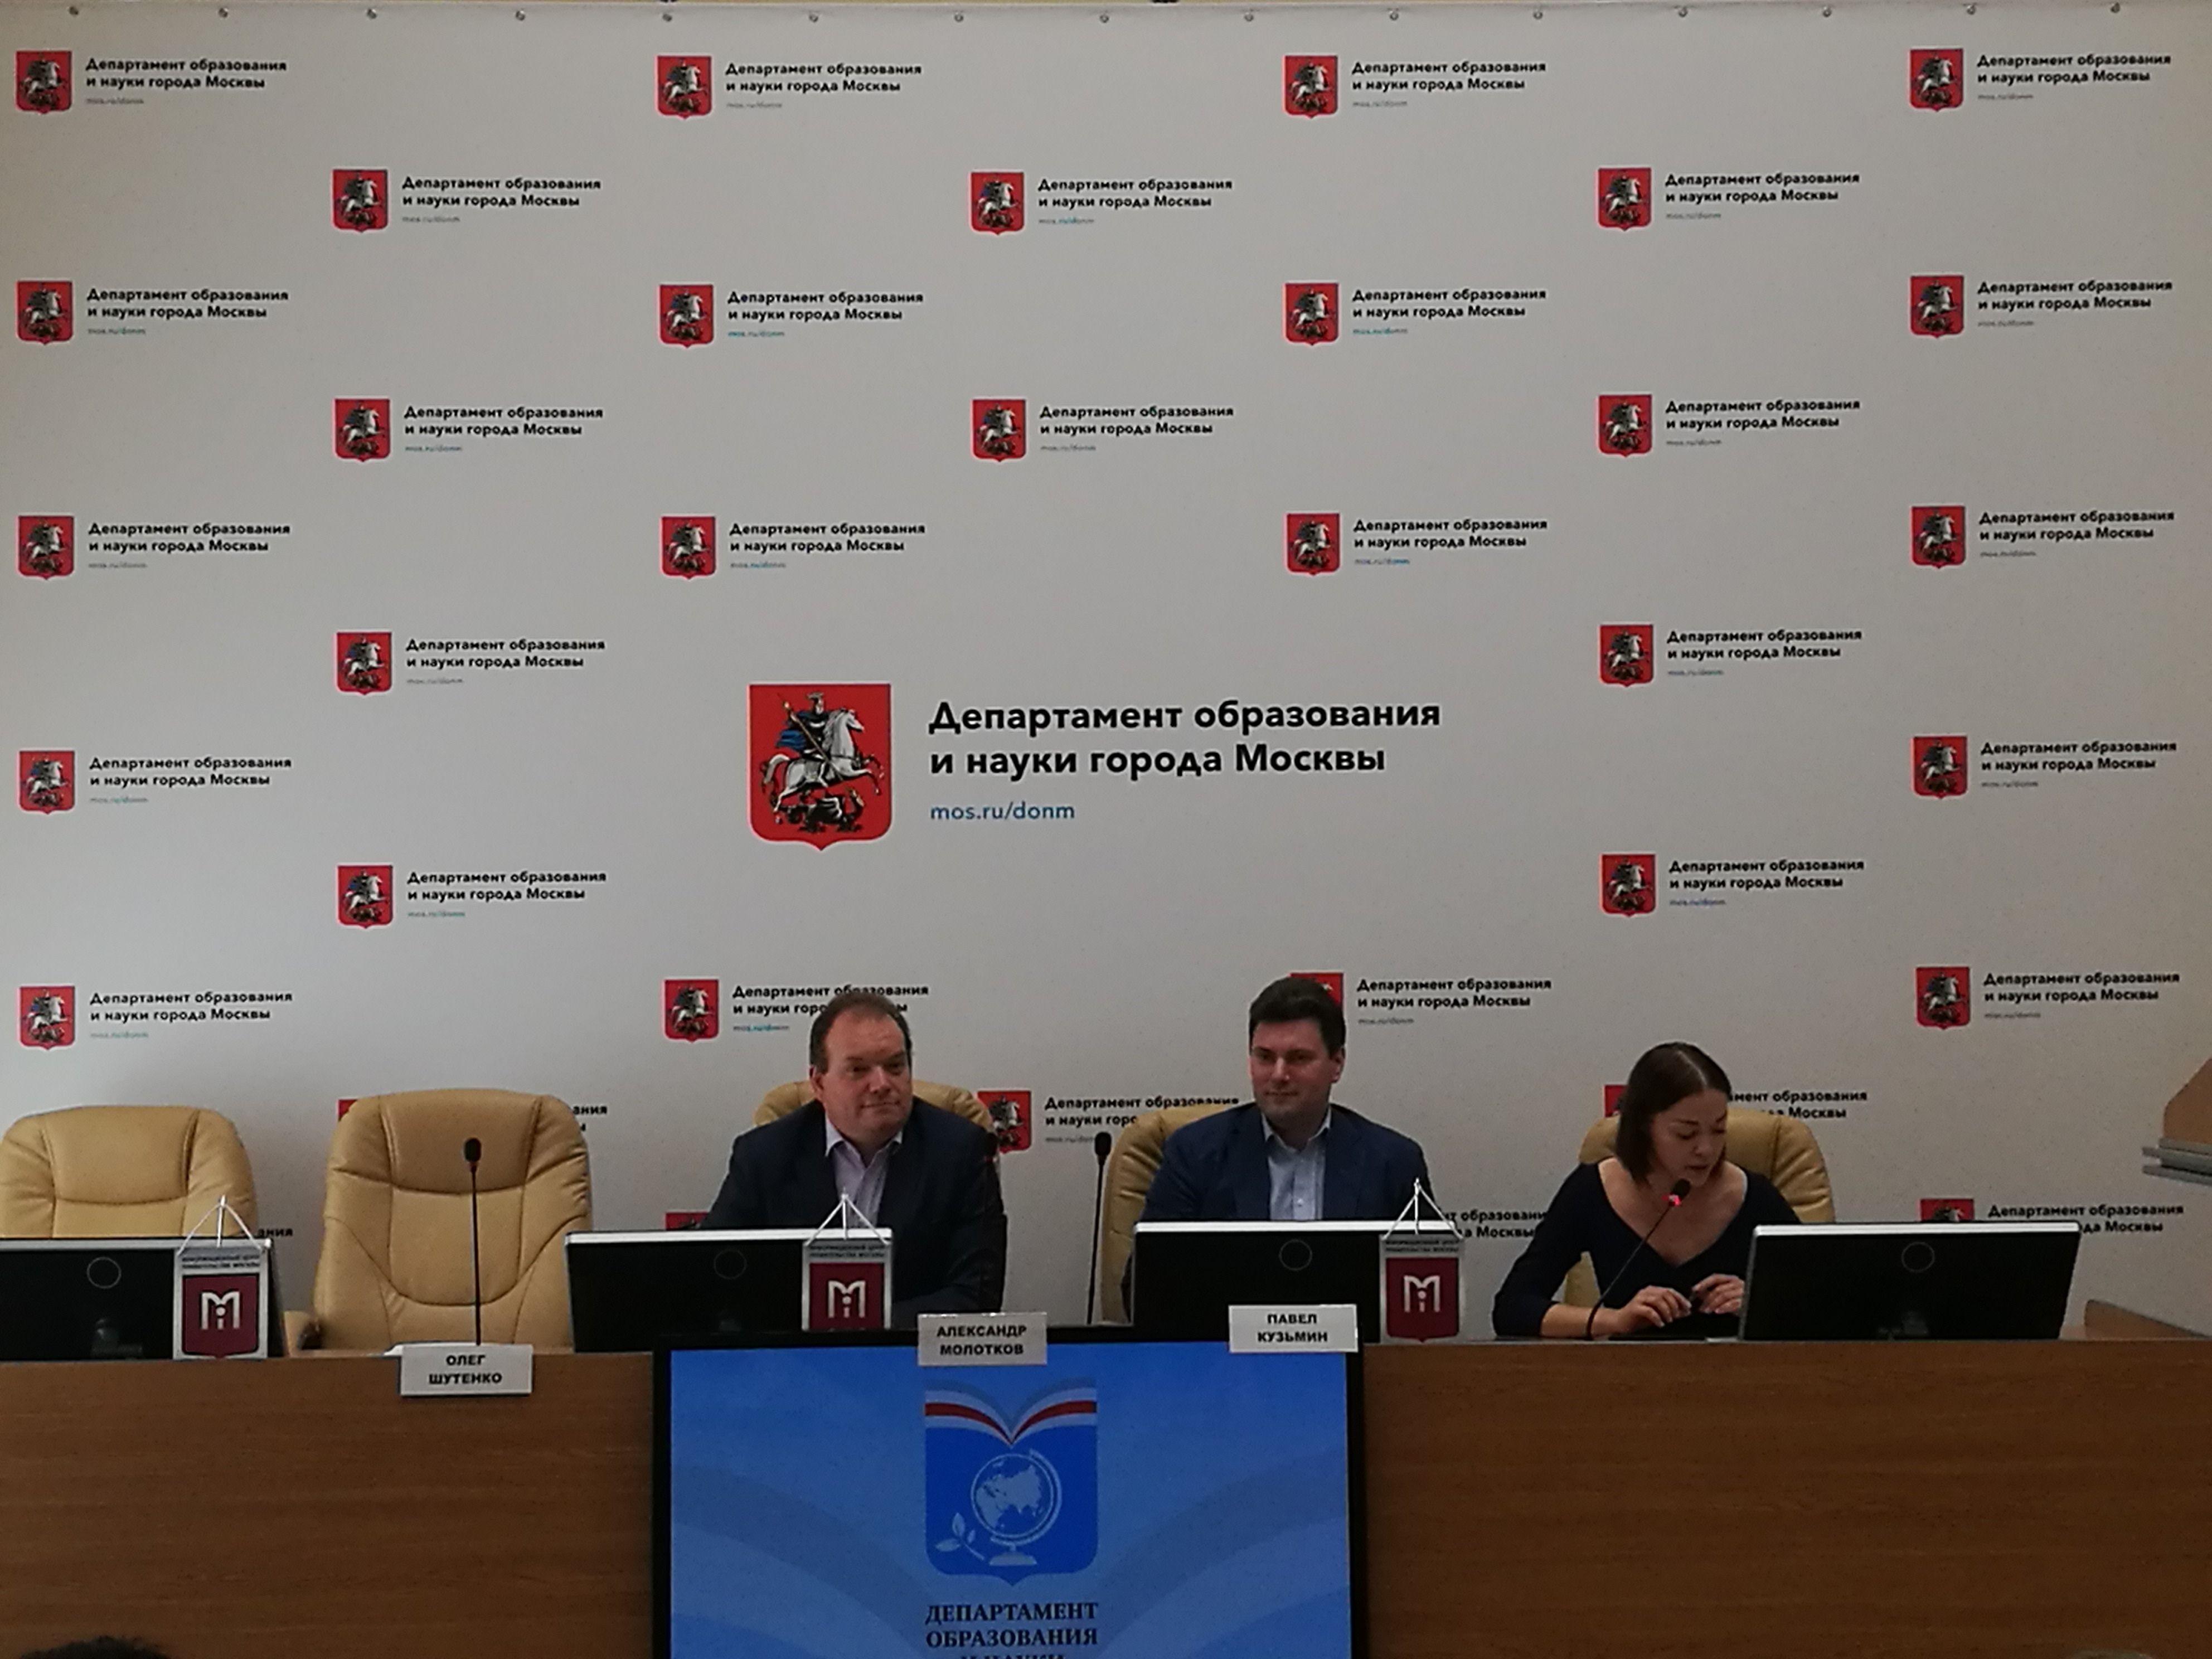 Московский международный форум «Город образования» станет площадкой для общения горожан